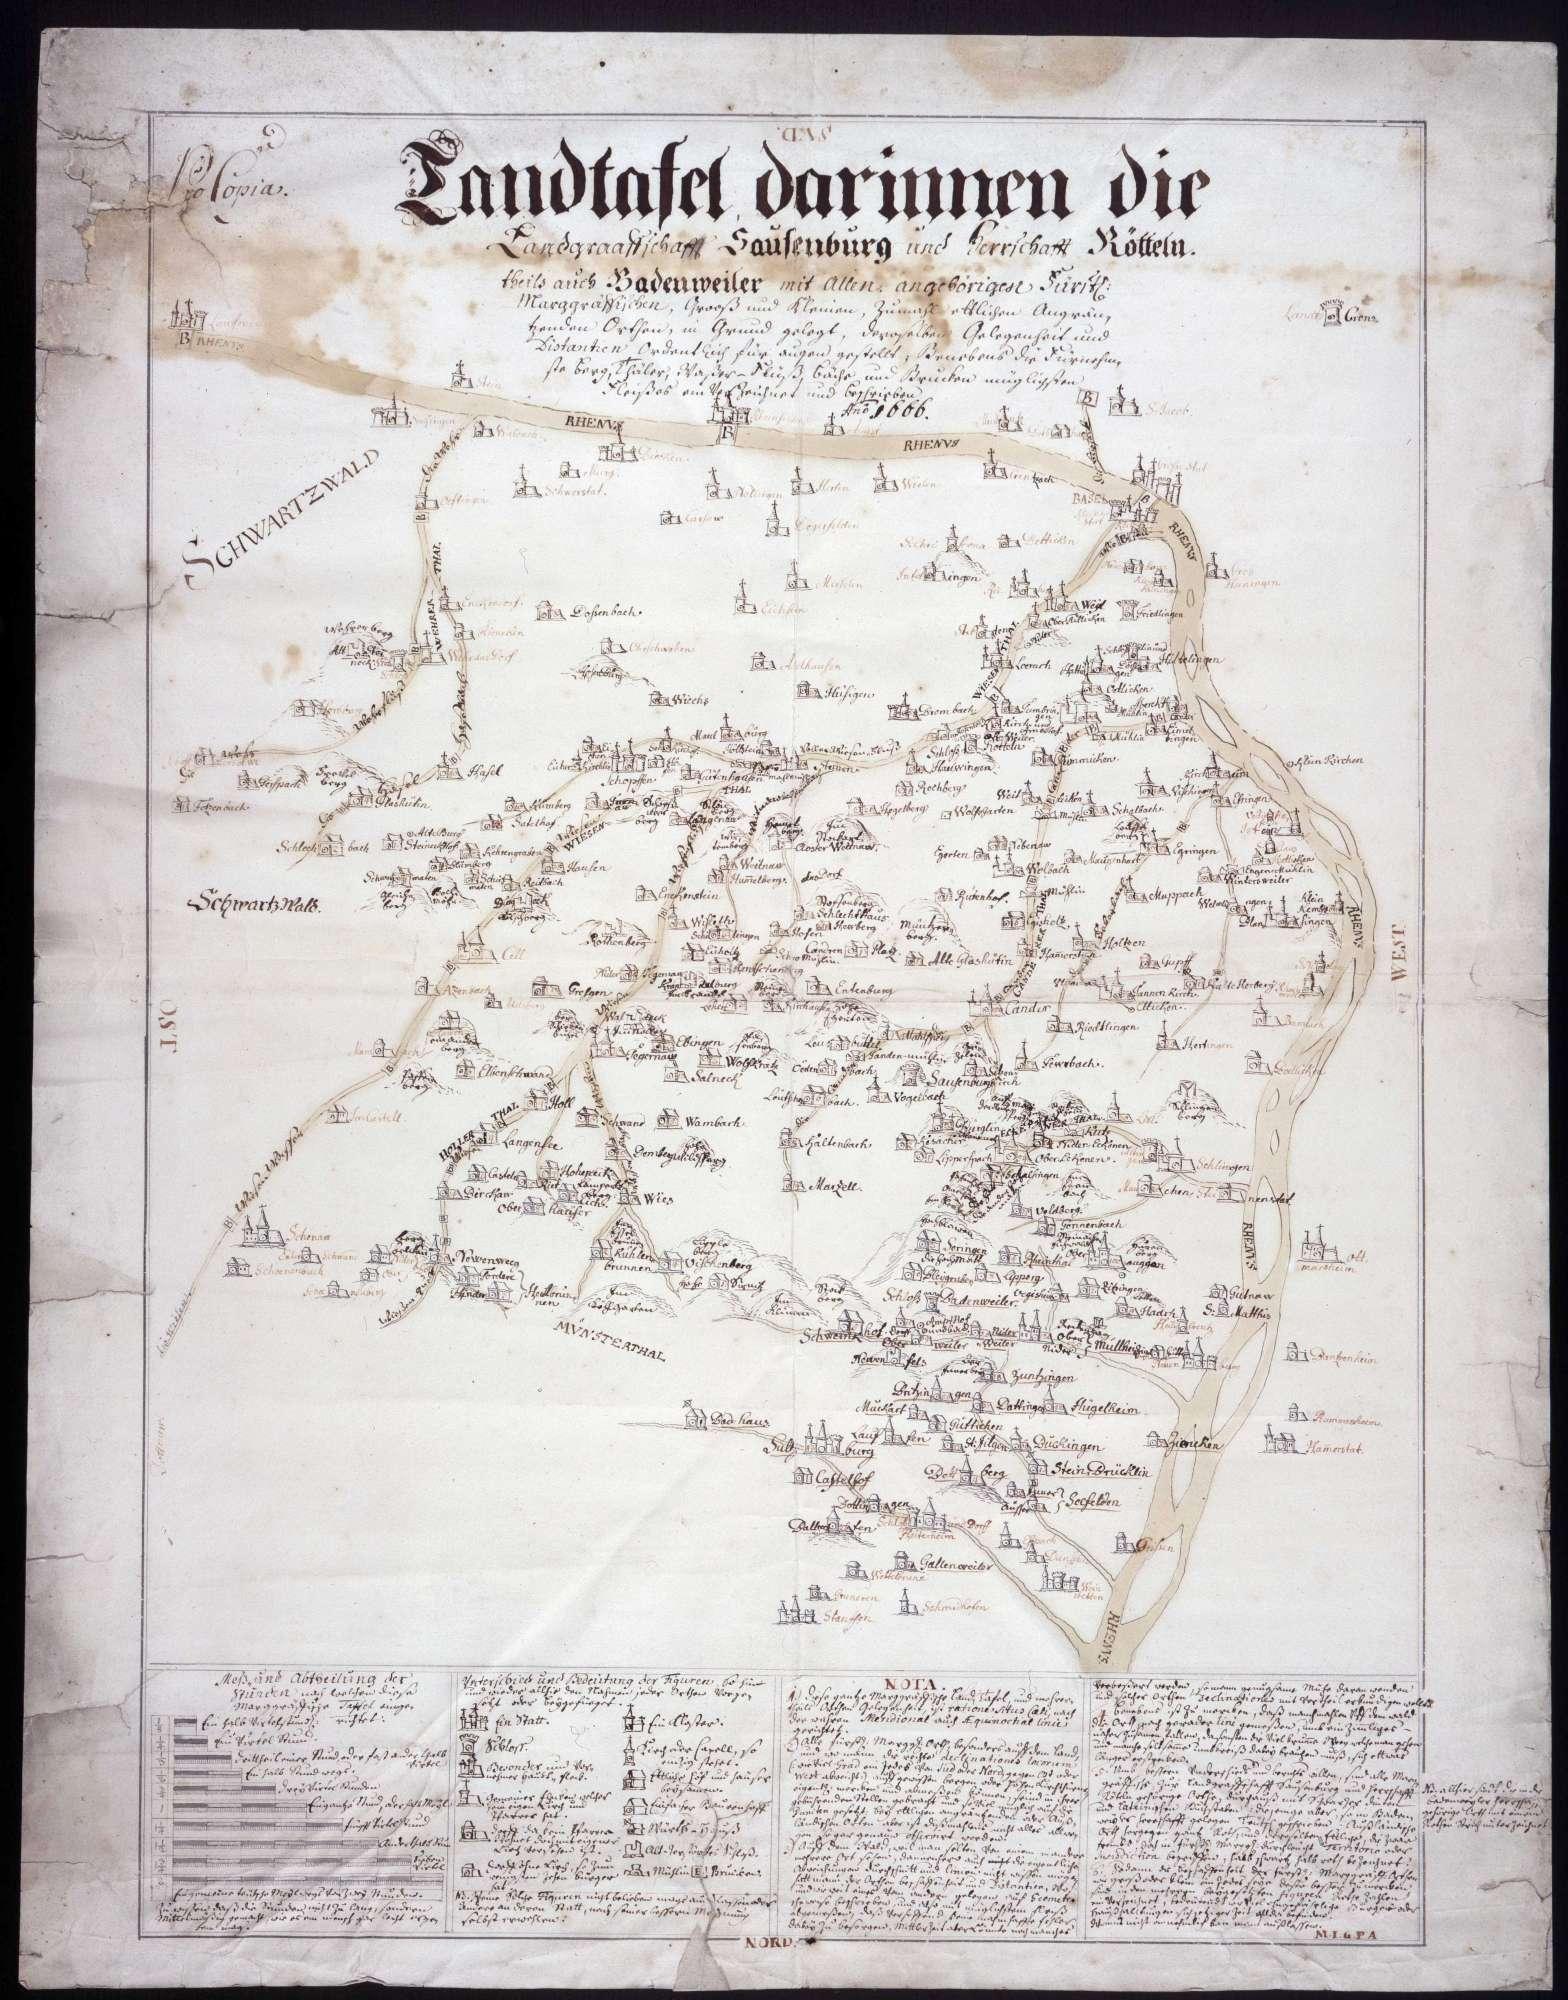 """""""Landtafel, darinnen die Landgrafschaft Sausenburg, die Herrschaft Rötteln und teils auch Badenweiler..."""" verzeichnet sind, Bild 1"""